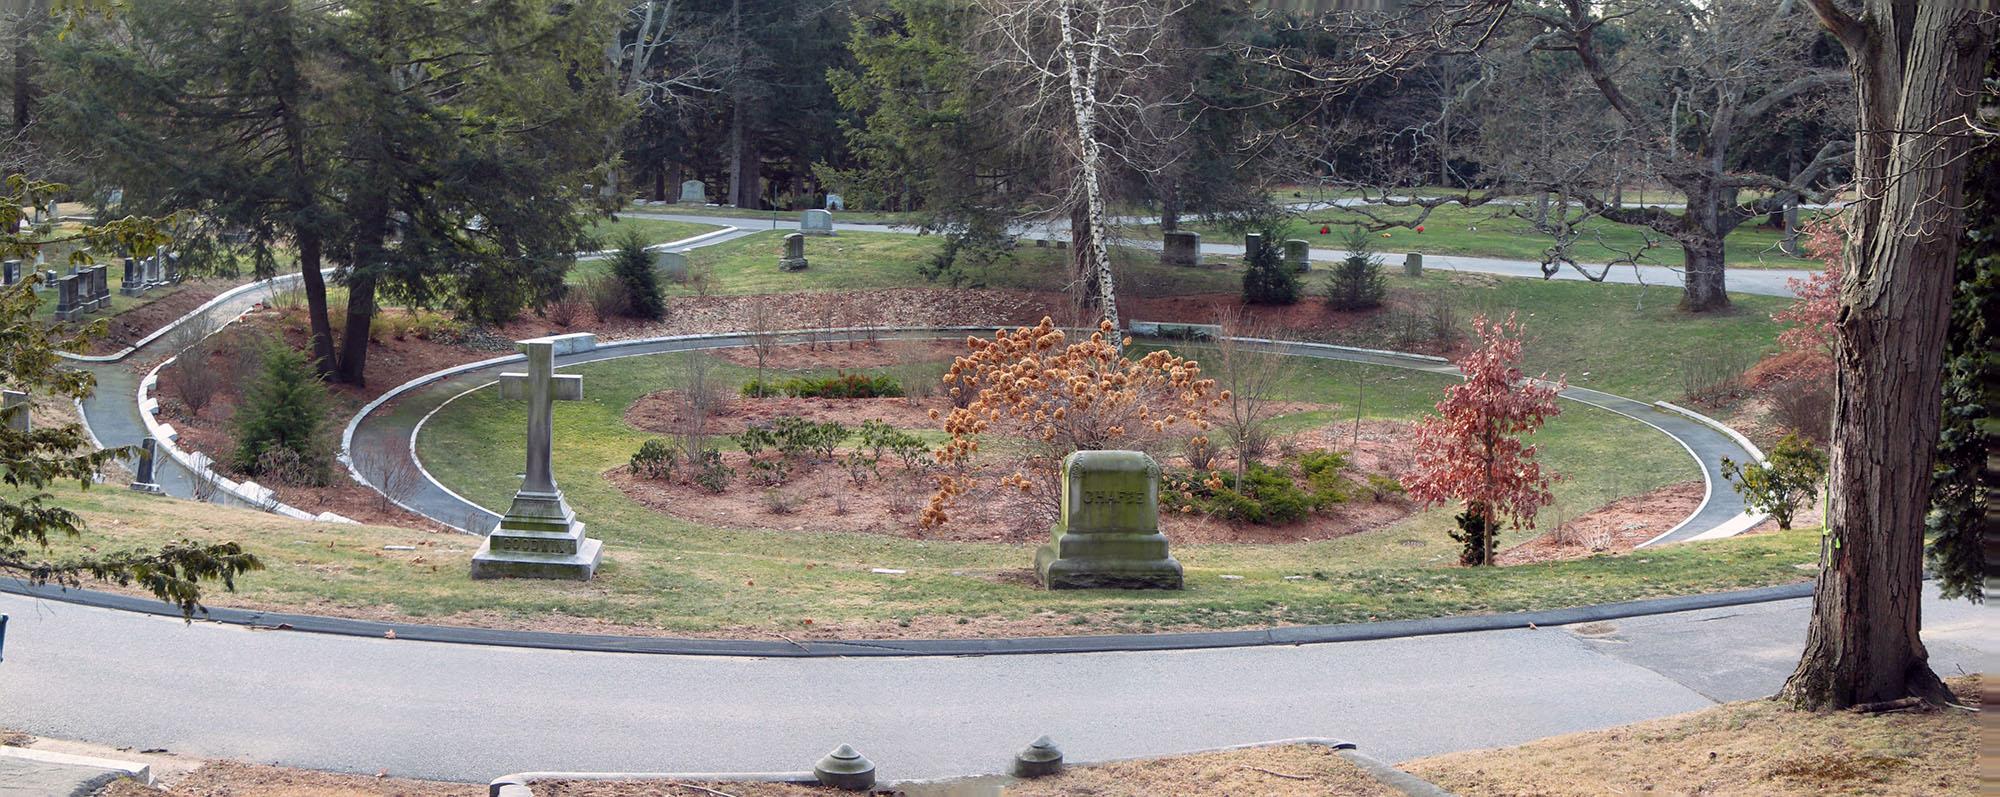 Wildwood Cemetery Panorama 01